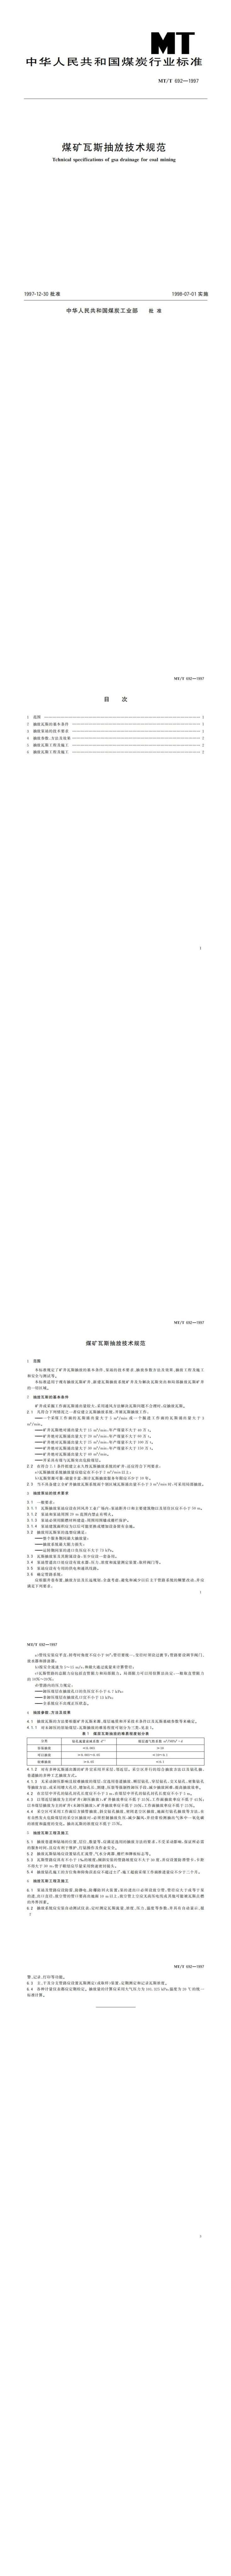 •MT_T 692—1997 煤矿瓦斯抽放技术规范_0.jpg